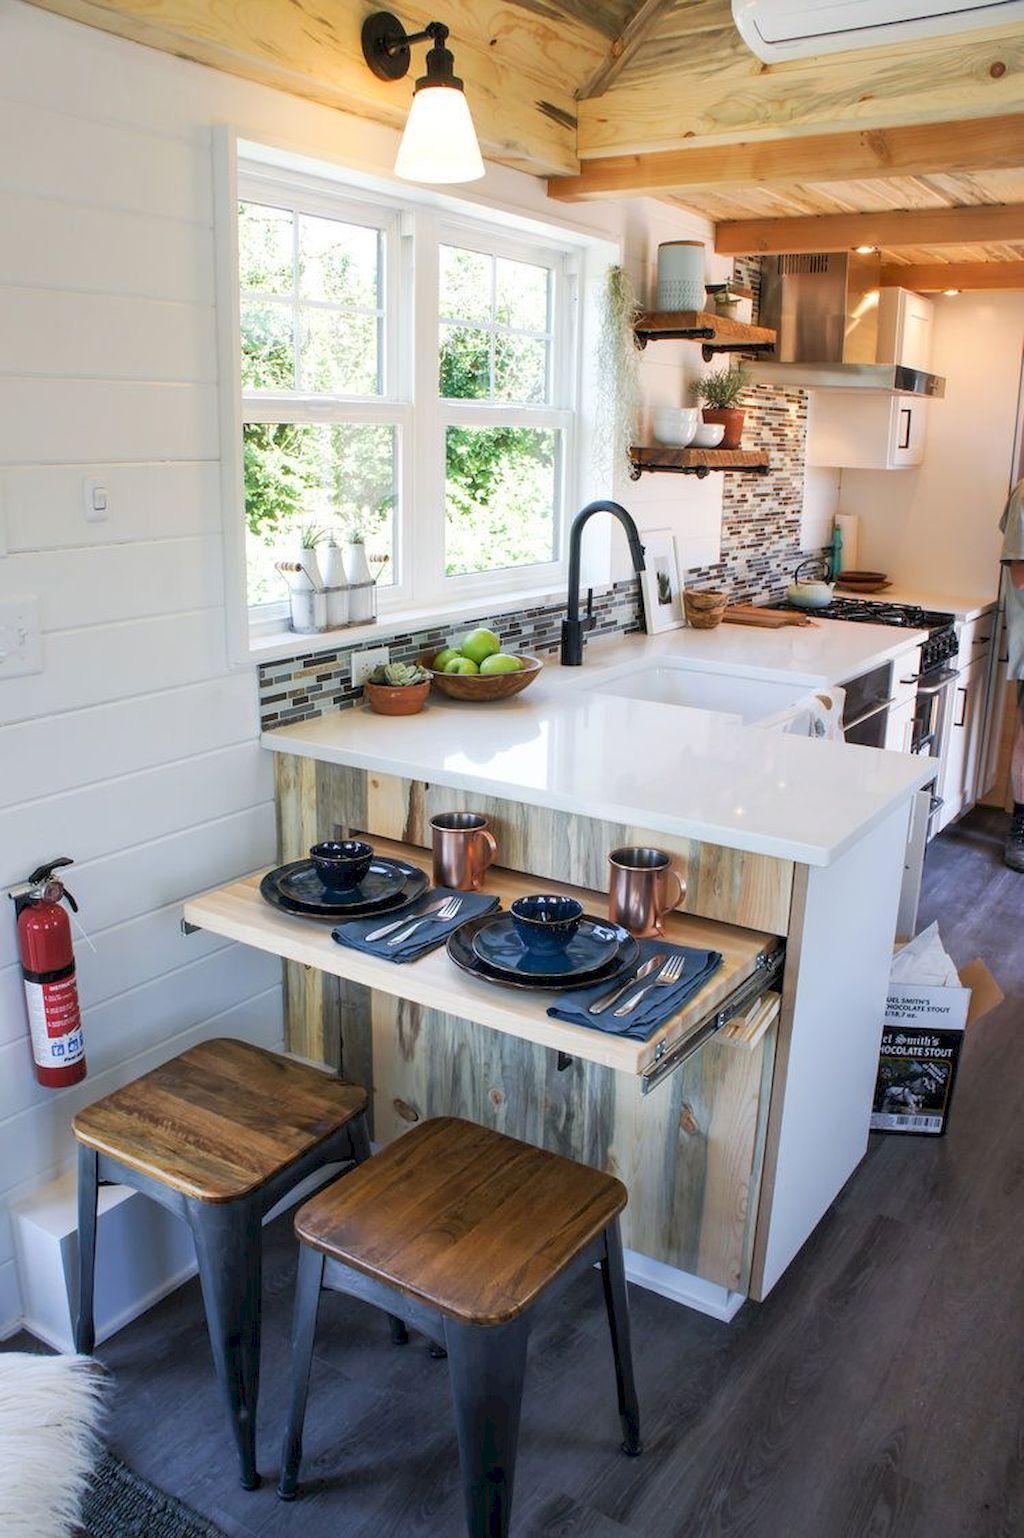 29 Incredible Tiny House Kitchen Decor Ideas  Tiny house kitchen